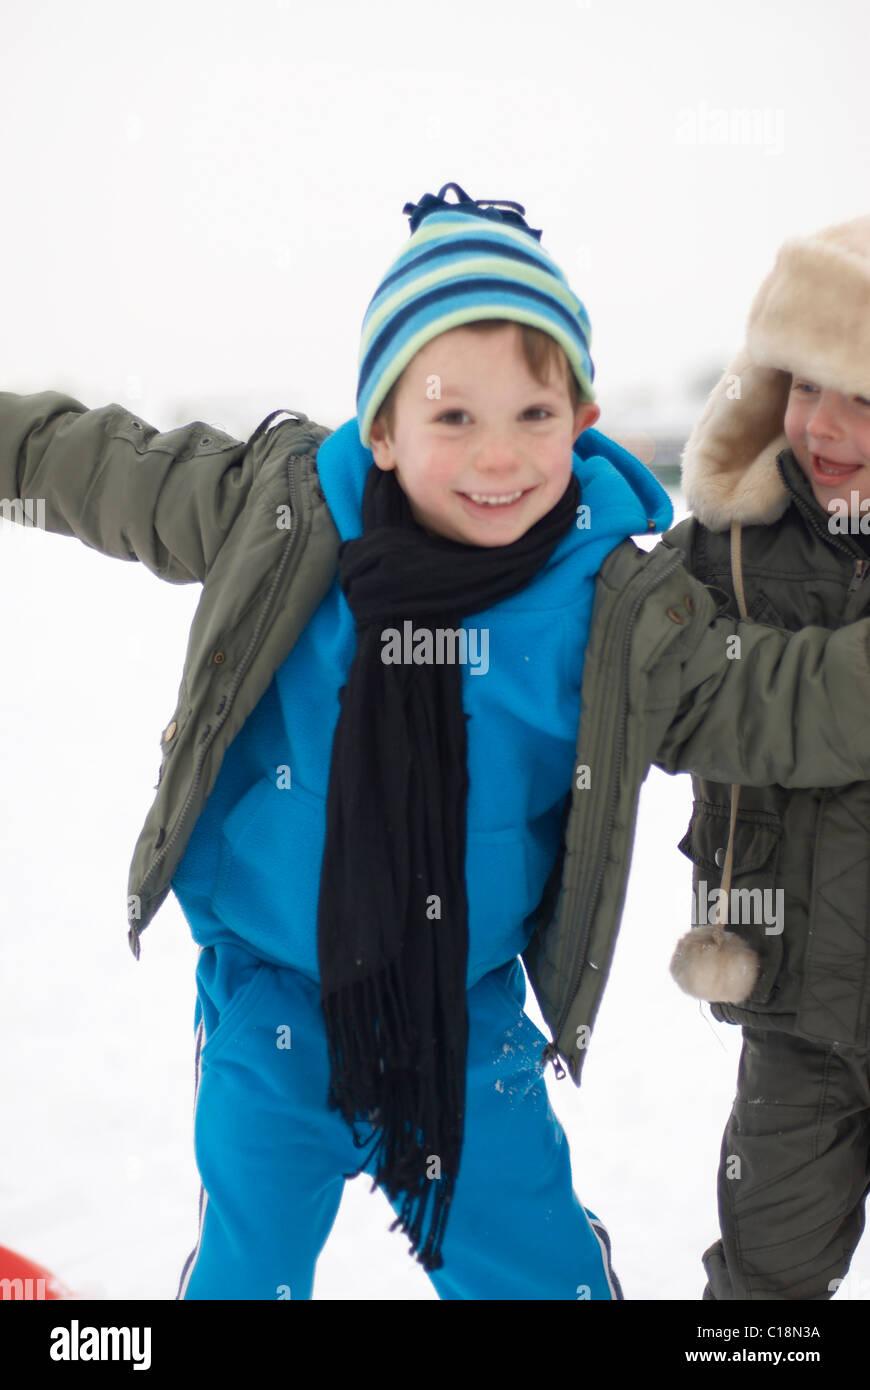 Chicos de remolque en la nieve. Foto de stock